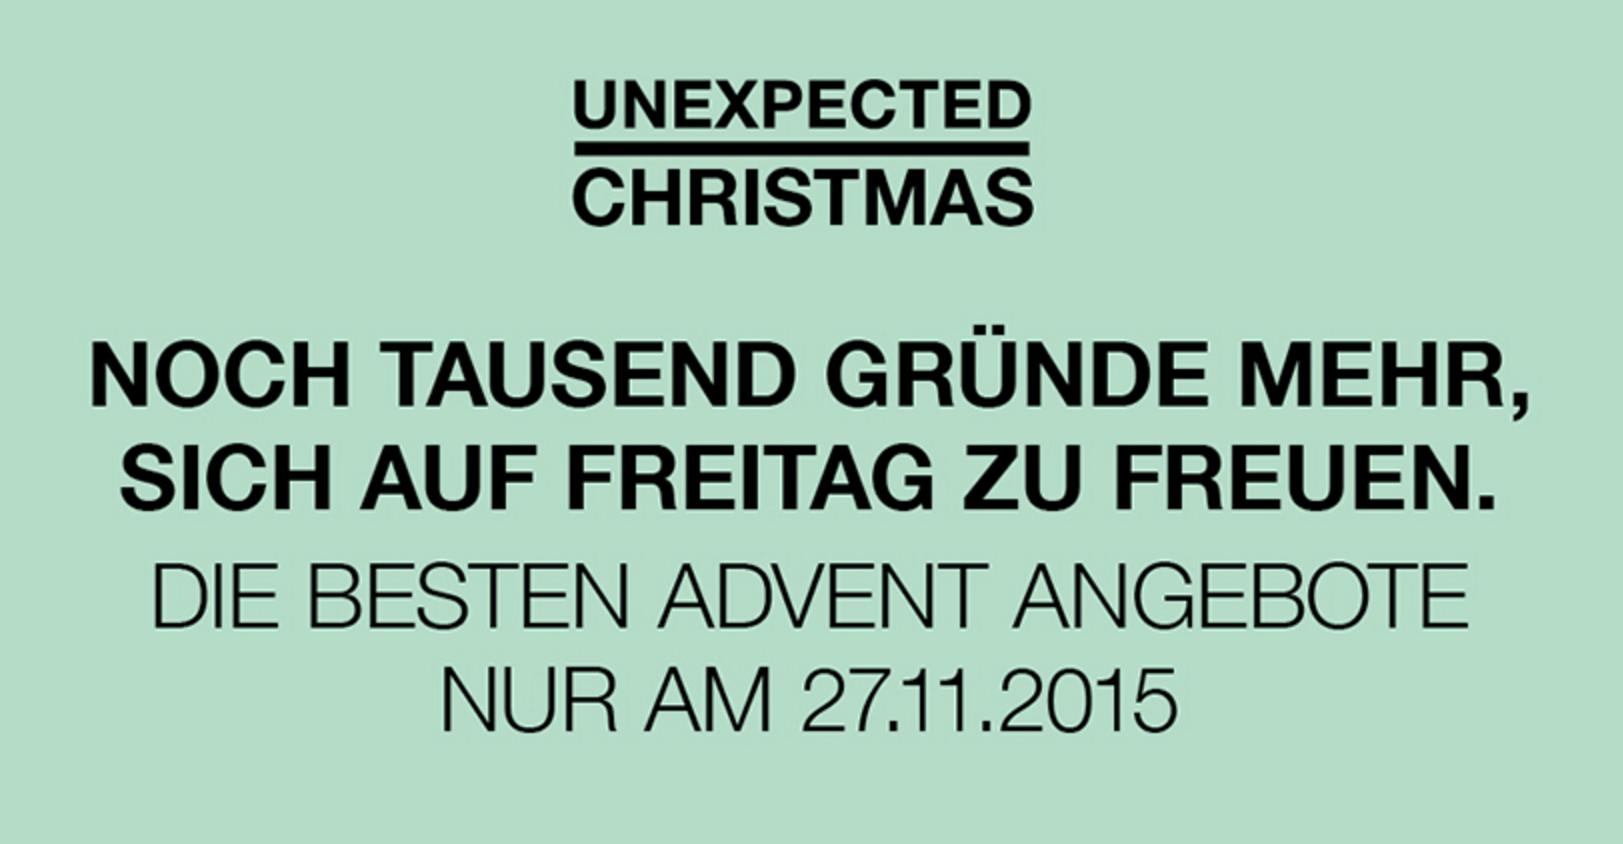 """[SCS] """"Unexpected Christmas"""" am 27.11, bis zu 70% Rabatt"""